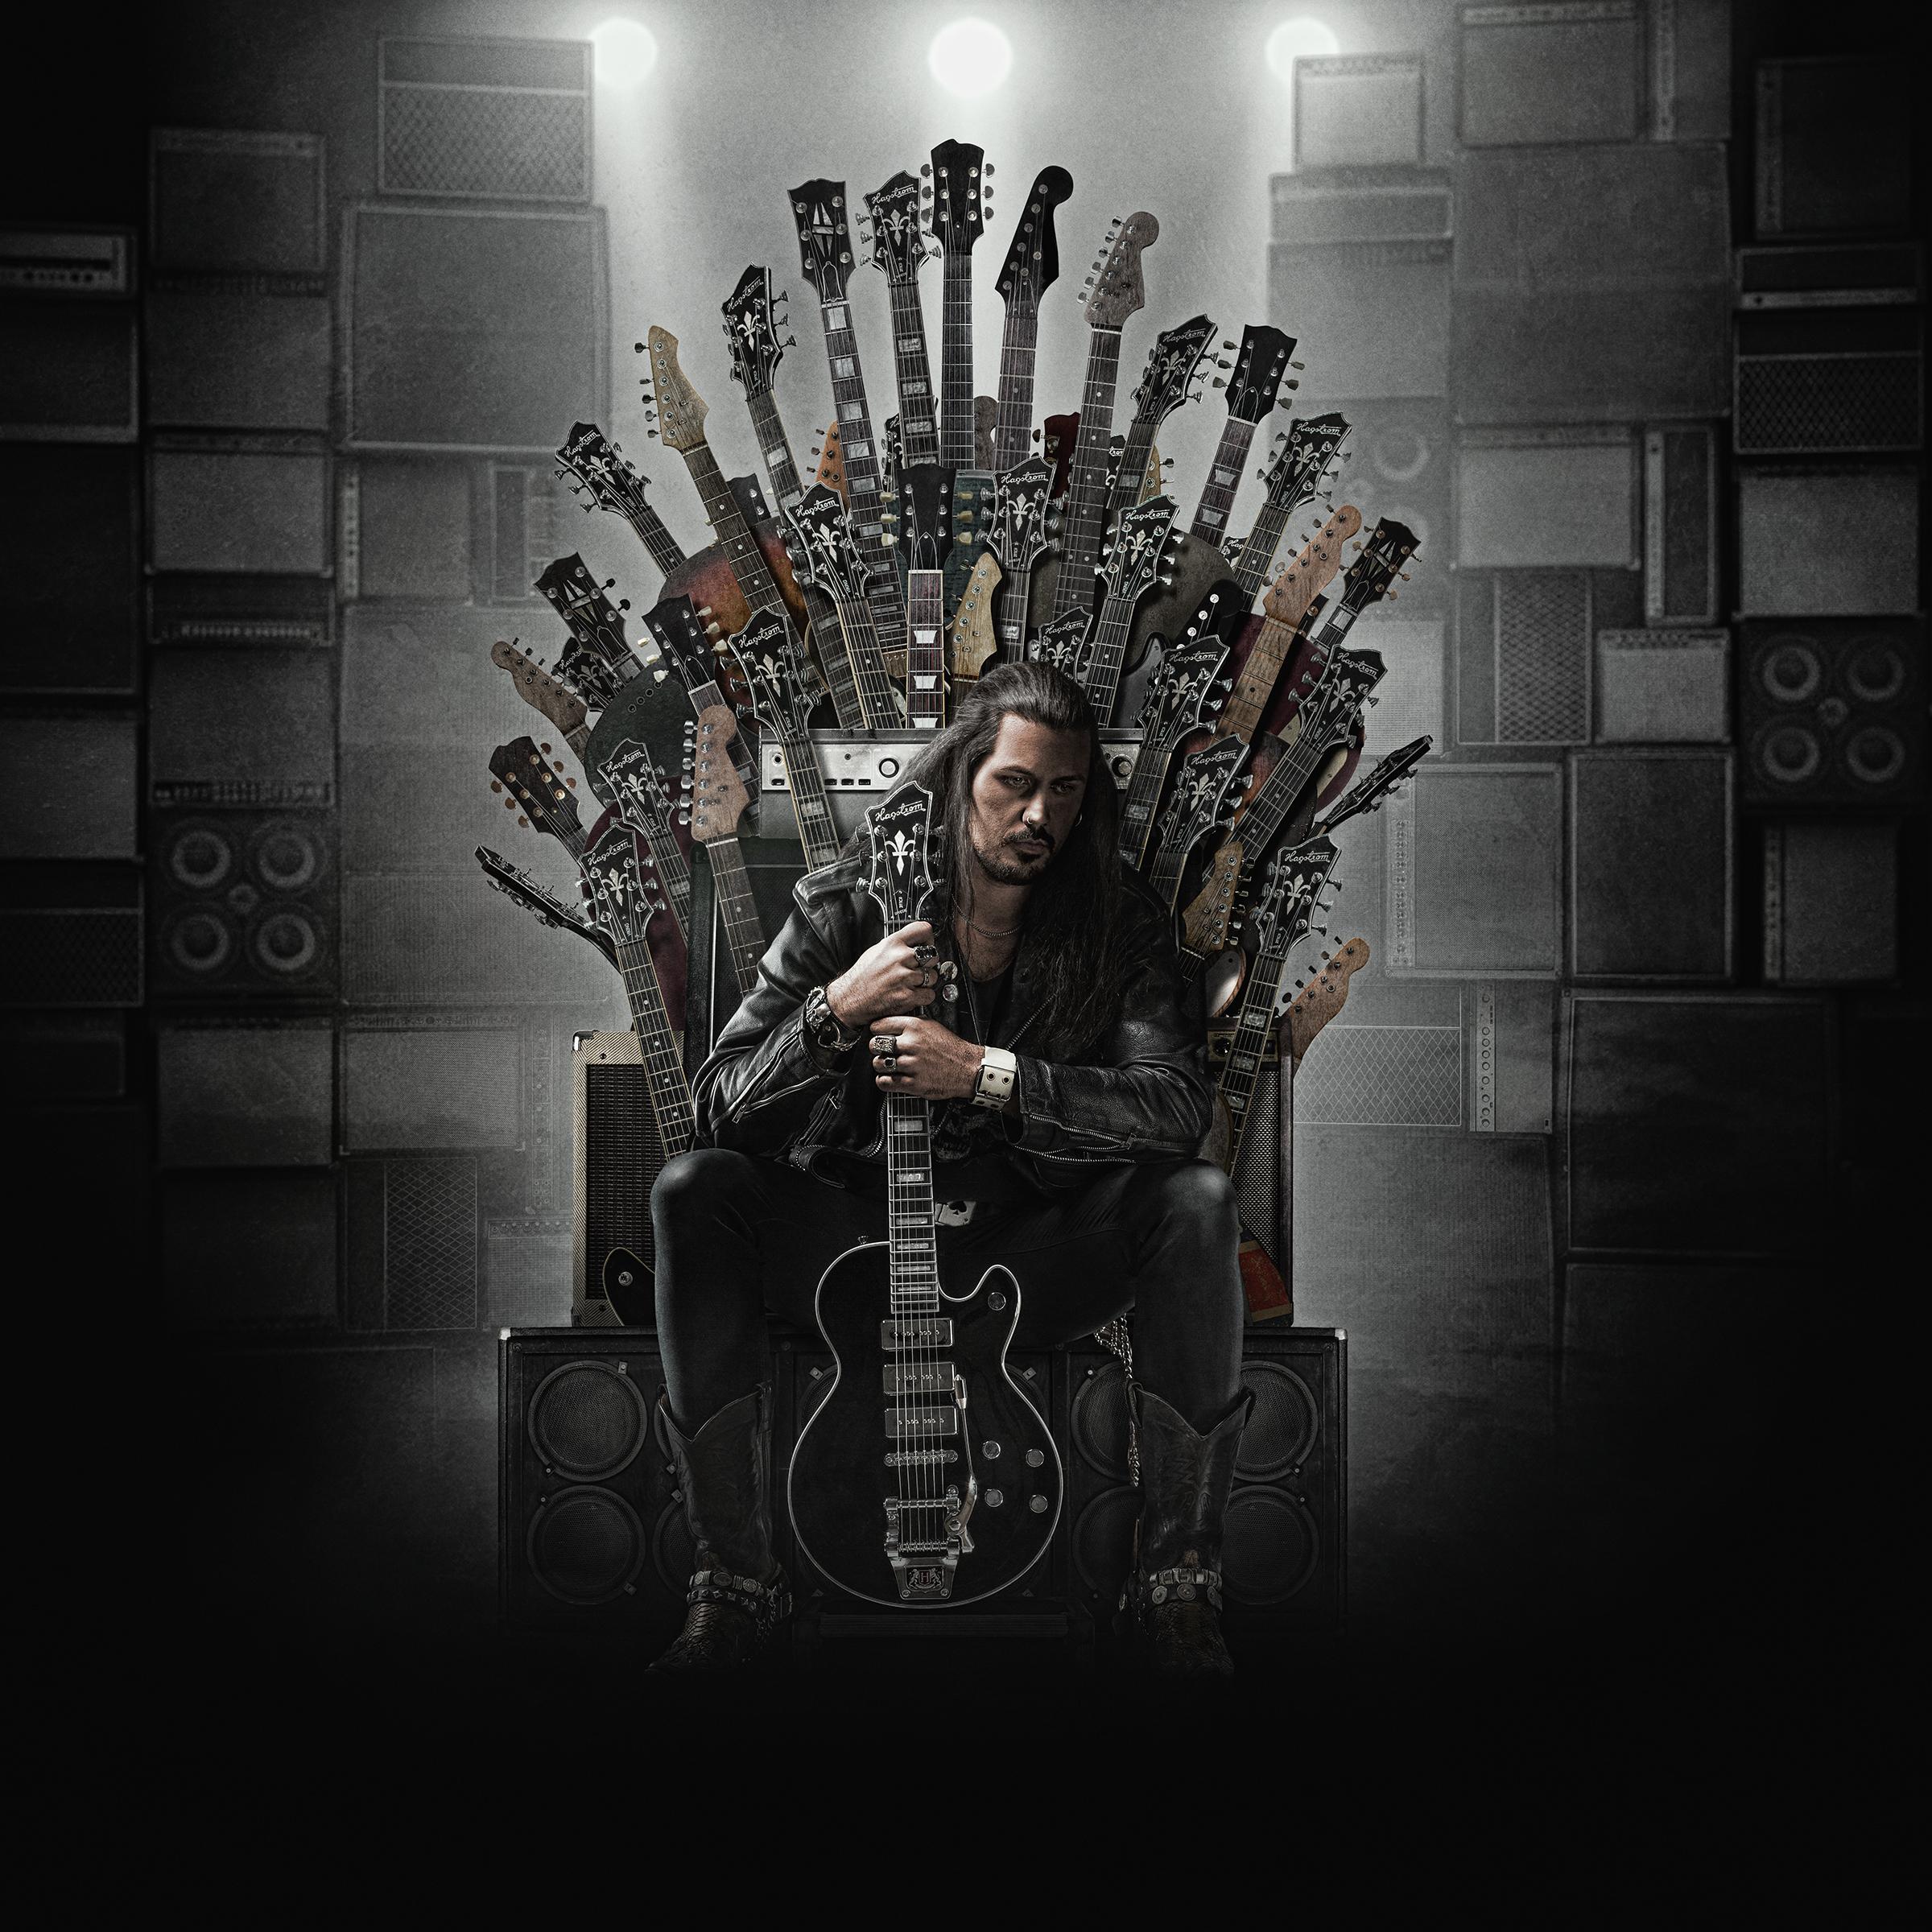 Hagstrom_throne_2400x2400_sRGB